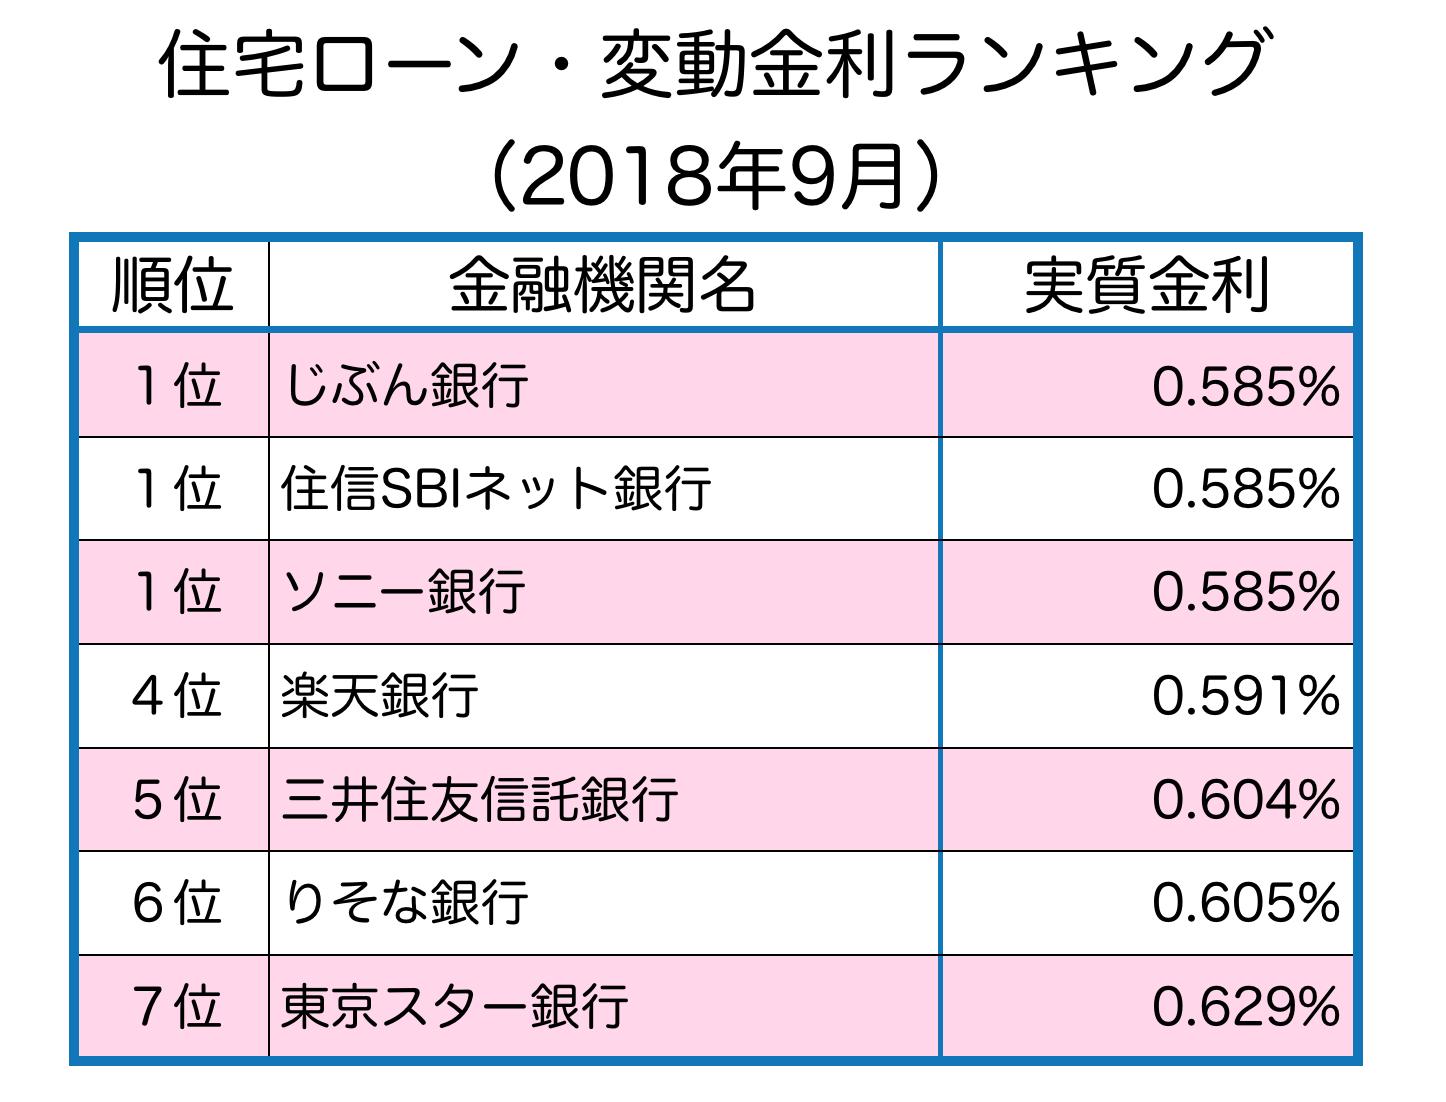 変動金利ランキング_2018年9月